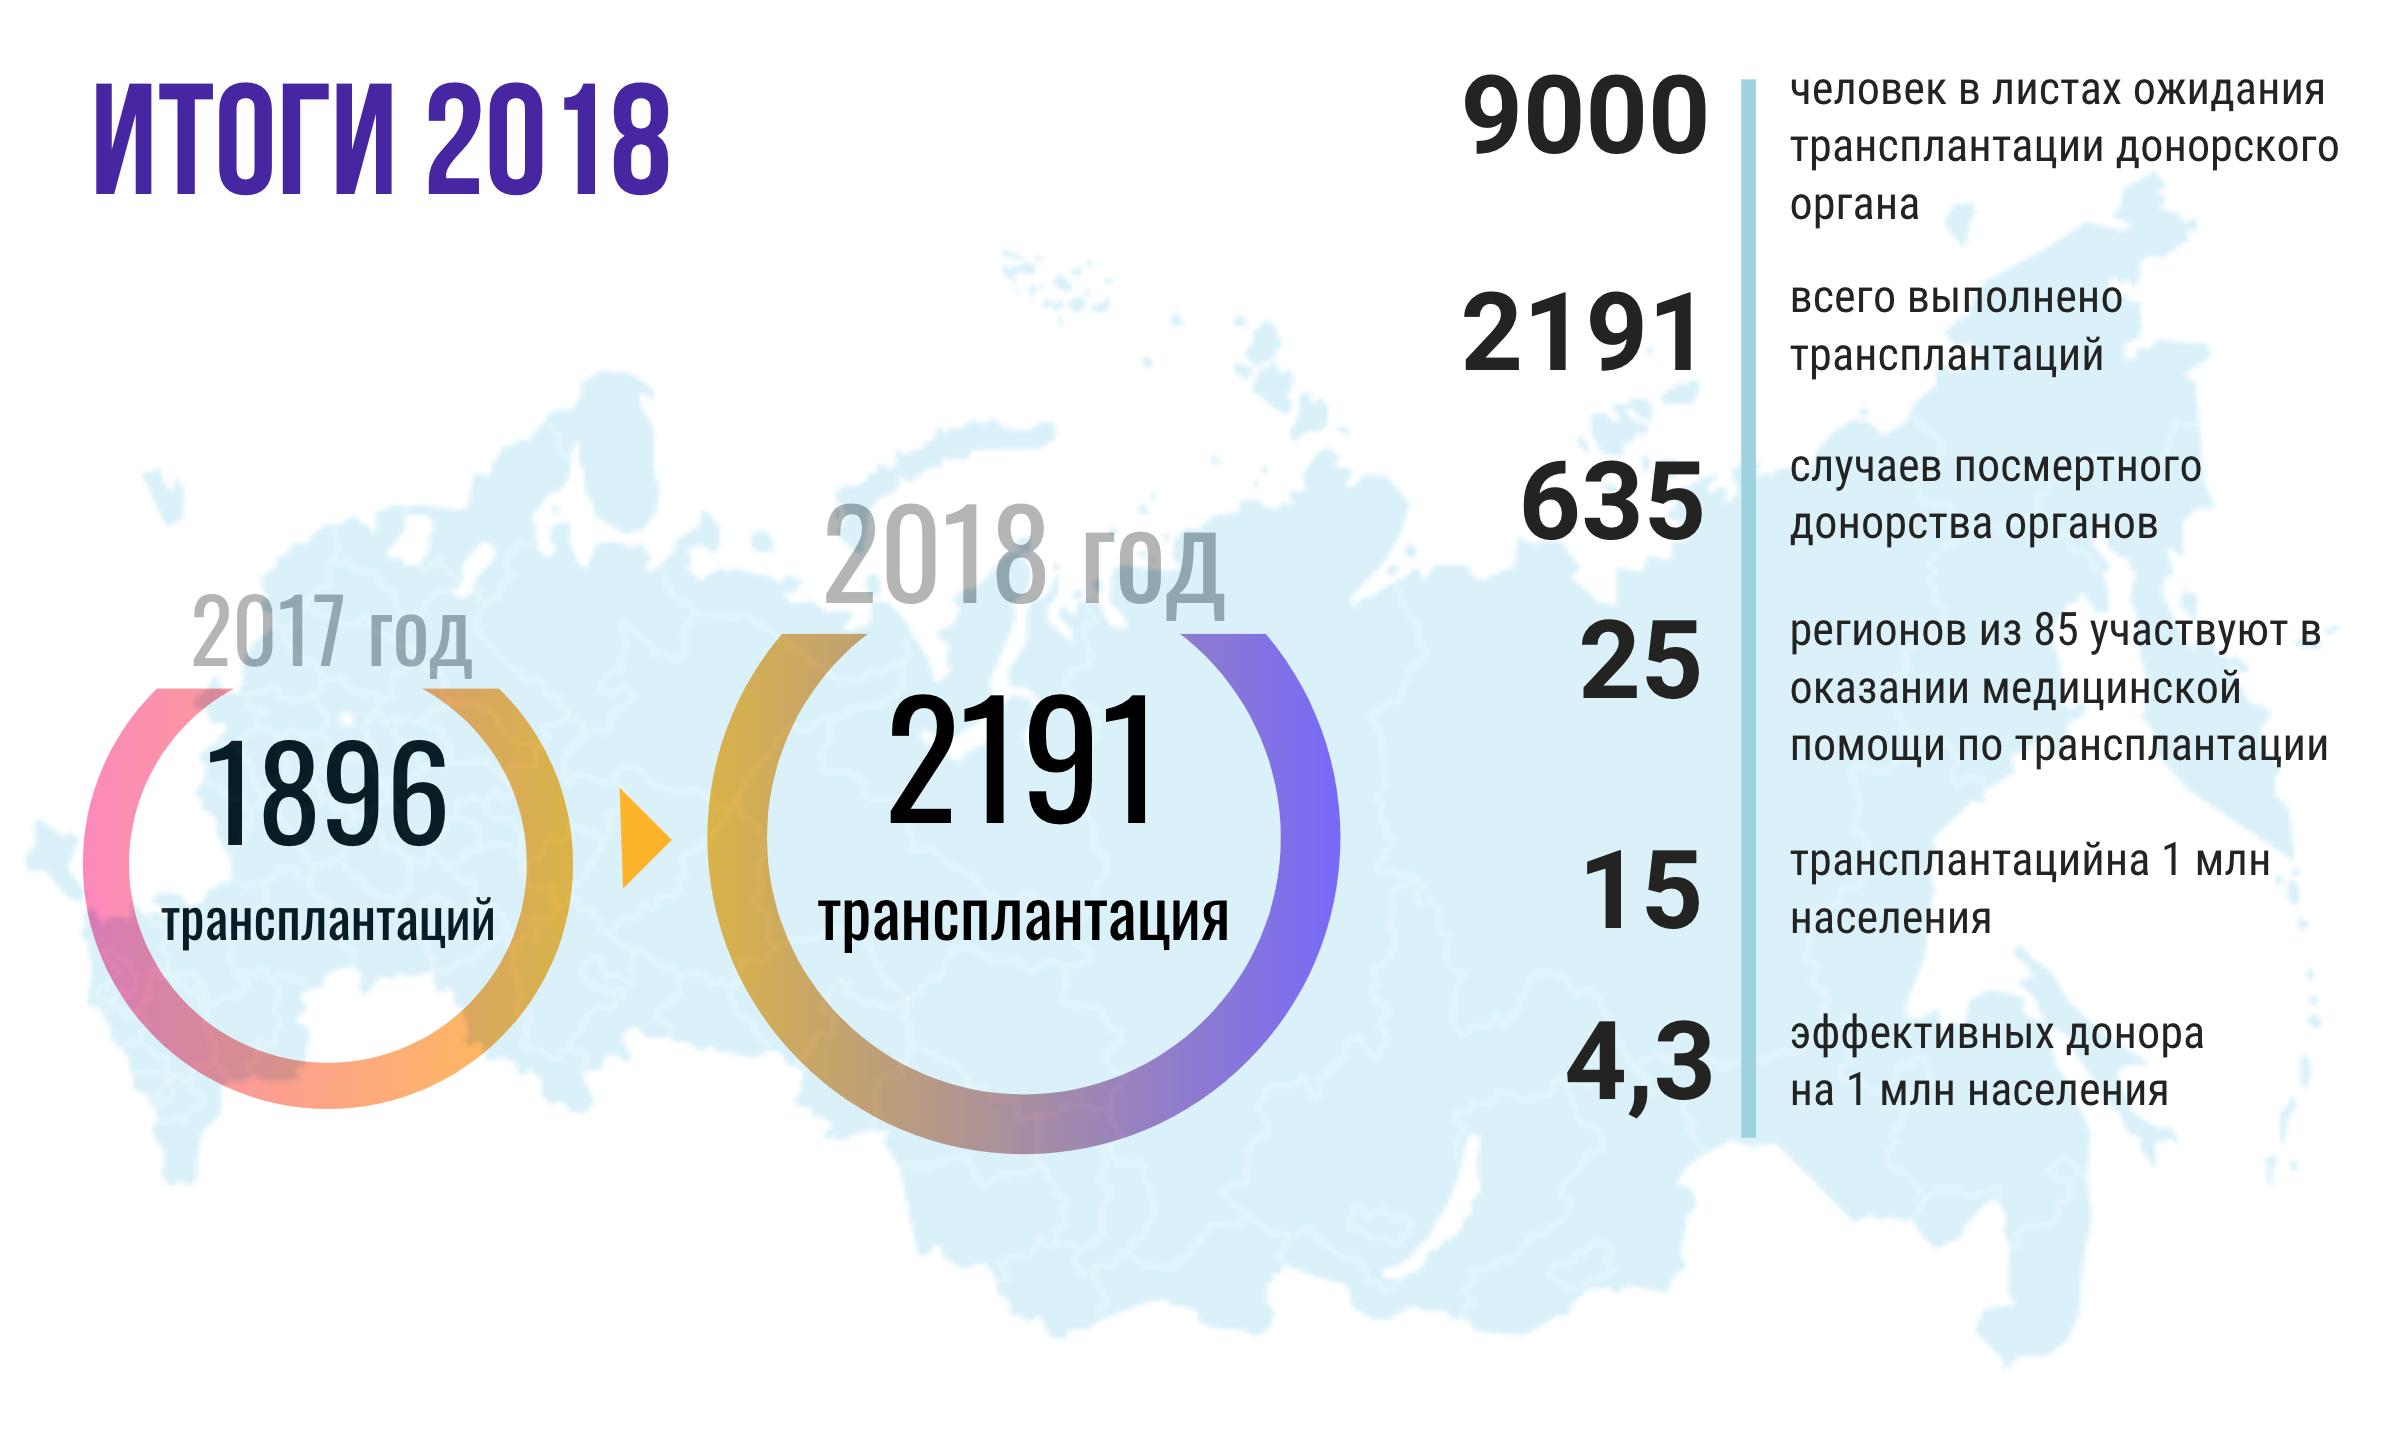 донорство в России 2018 картинка